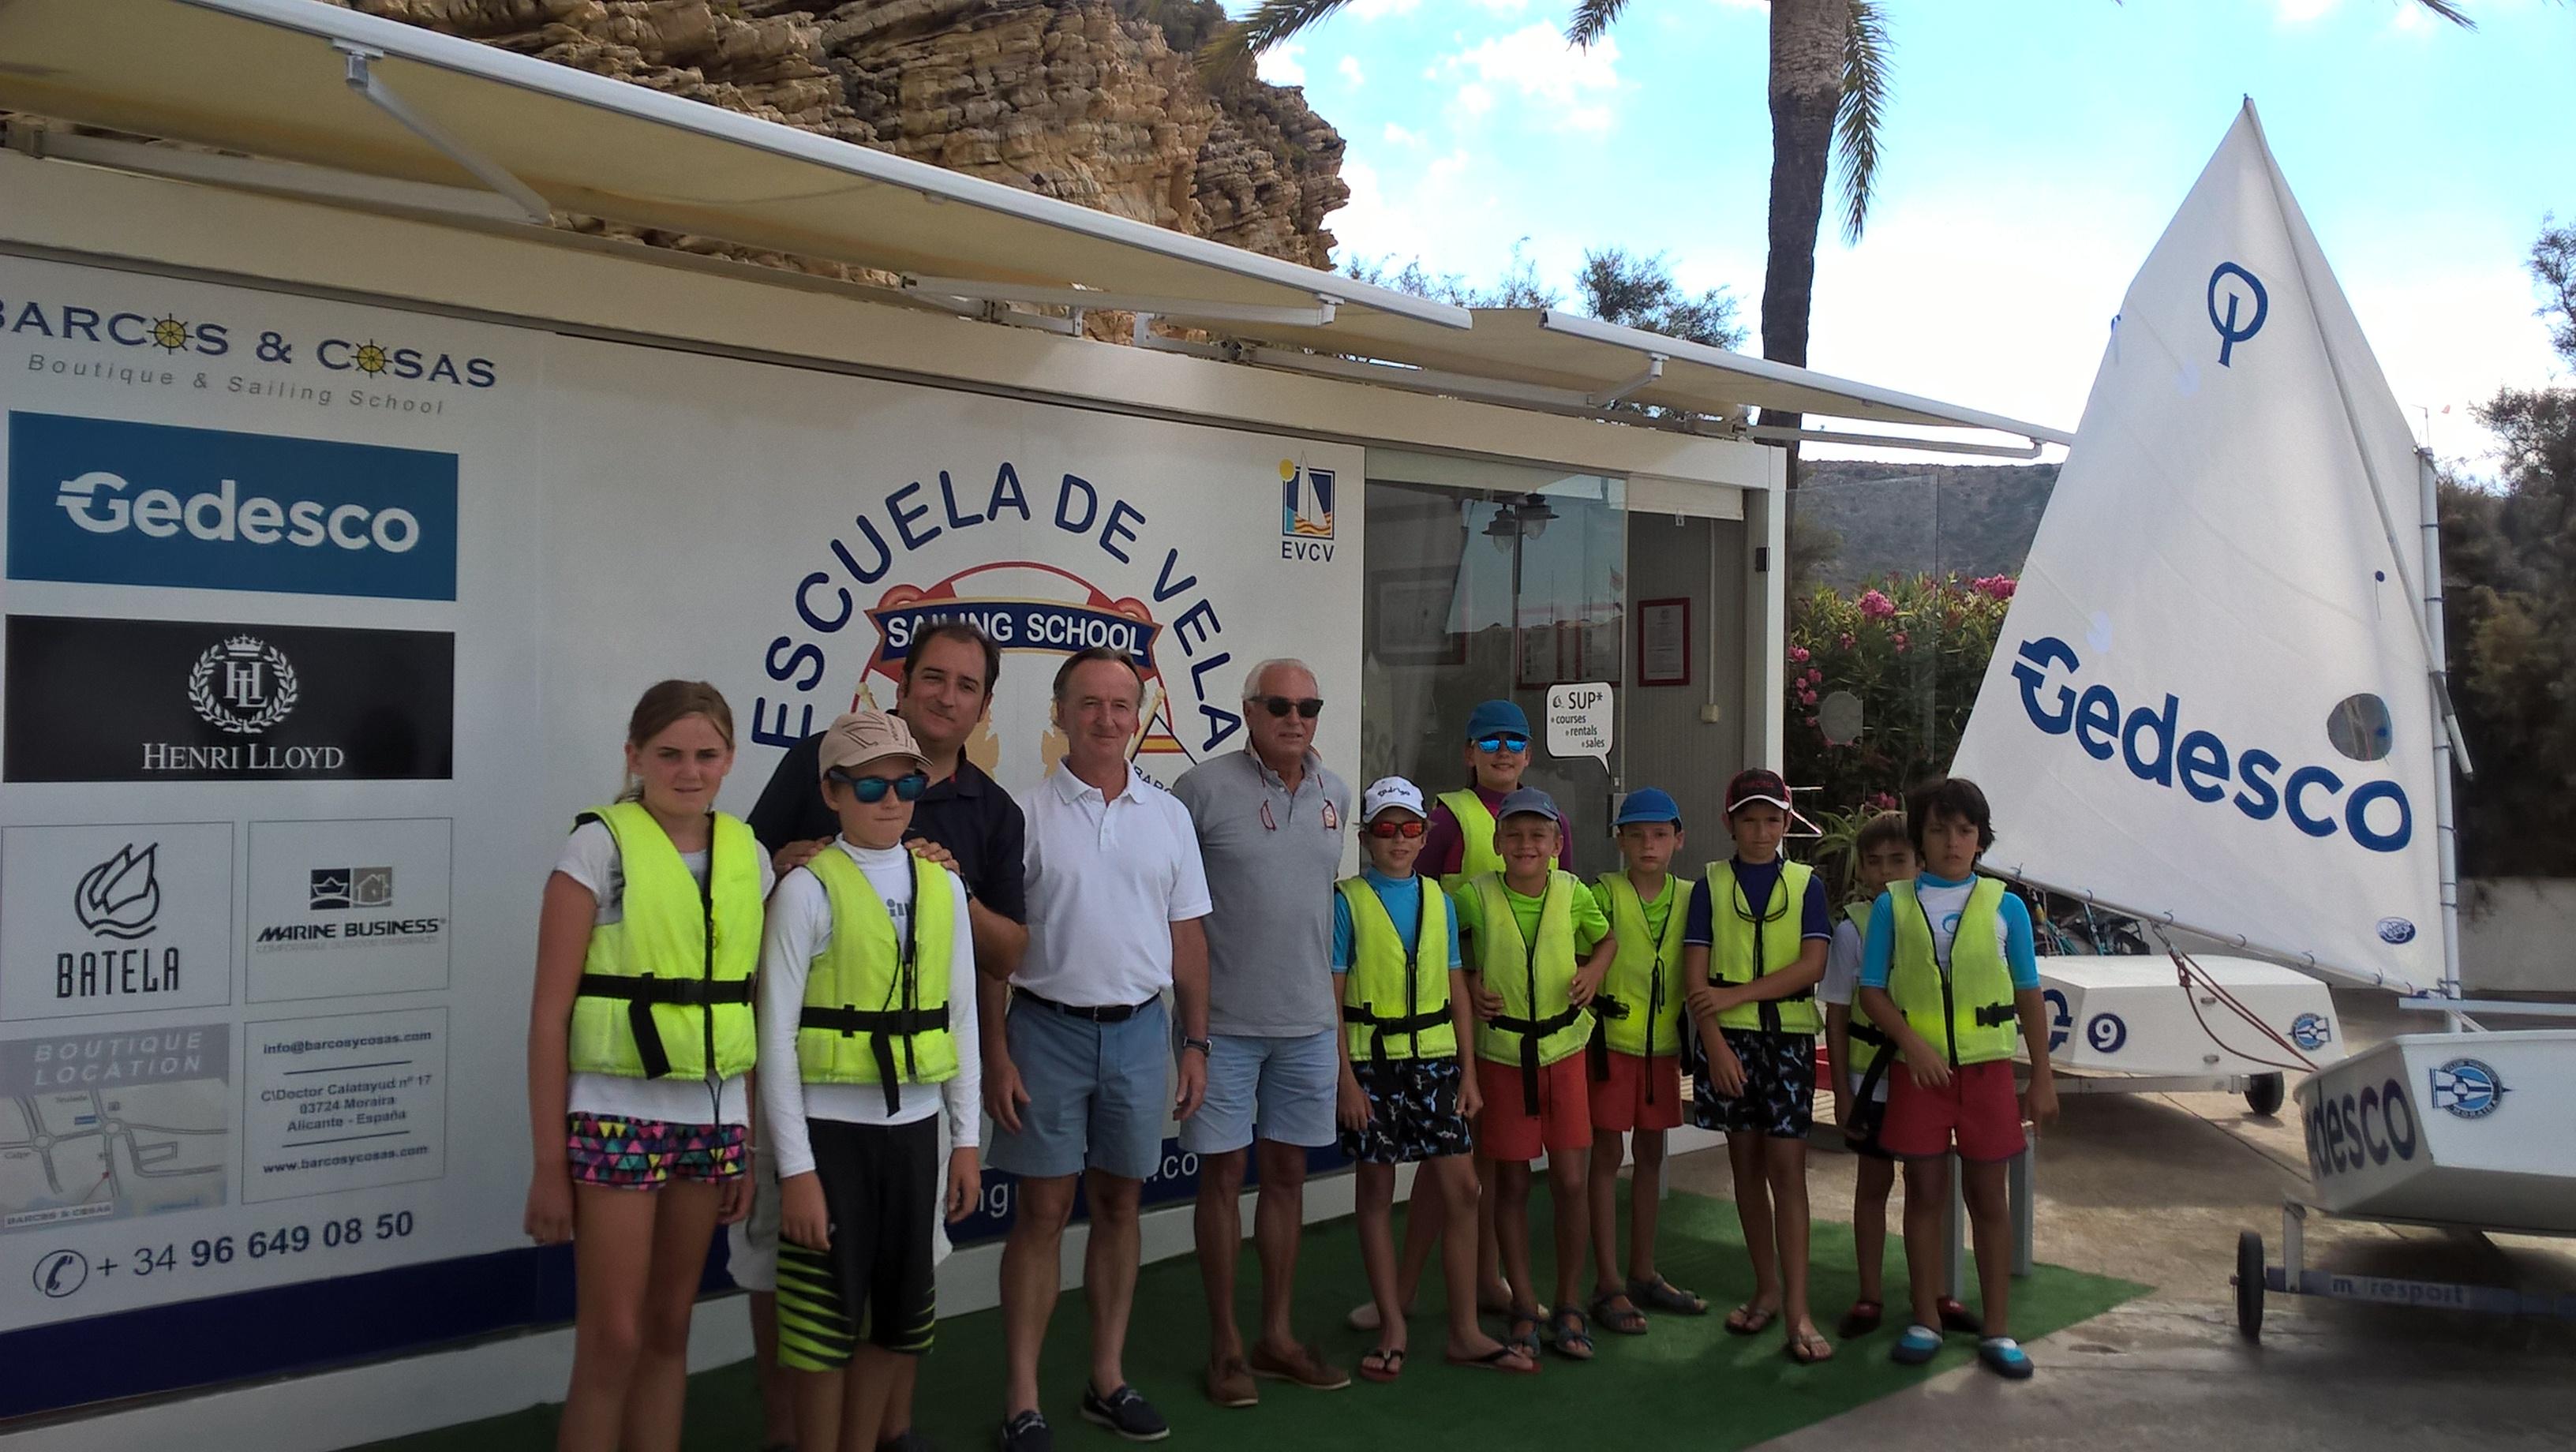 Andrés Rivero ( Barcos & Cosas ), Antonio Aynat ( Gedesco ) y Ramón Martí ( C.N. Moraira ) posan junto con alumnos de la escuela en su visita al centro de Vela & SUP del club por parte del Consejero delegado de GEDESCO.